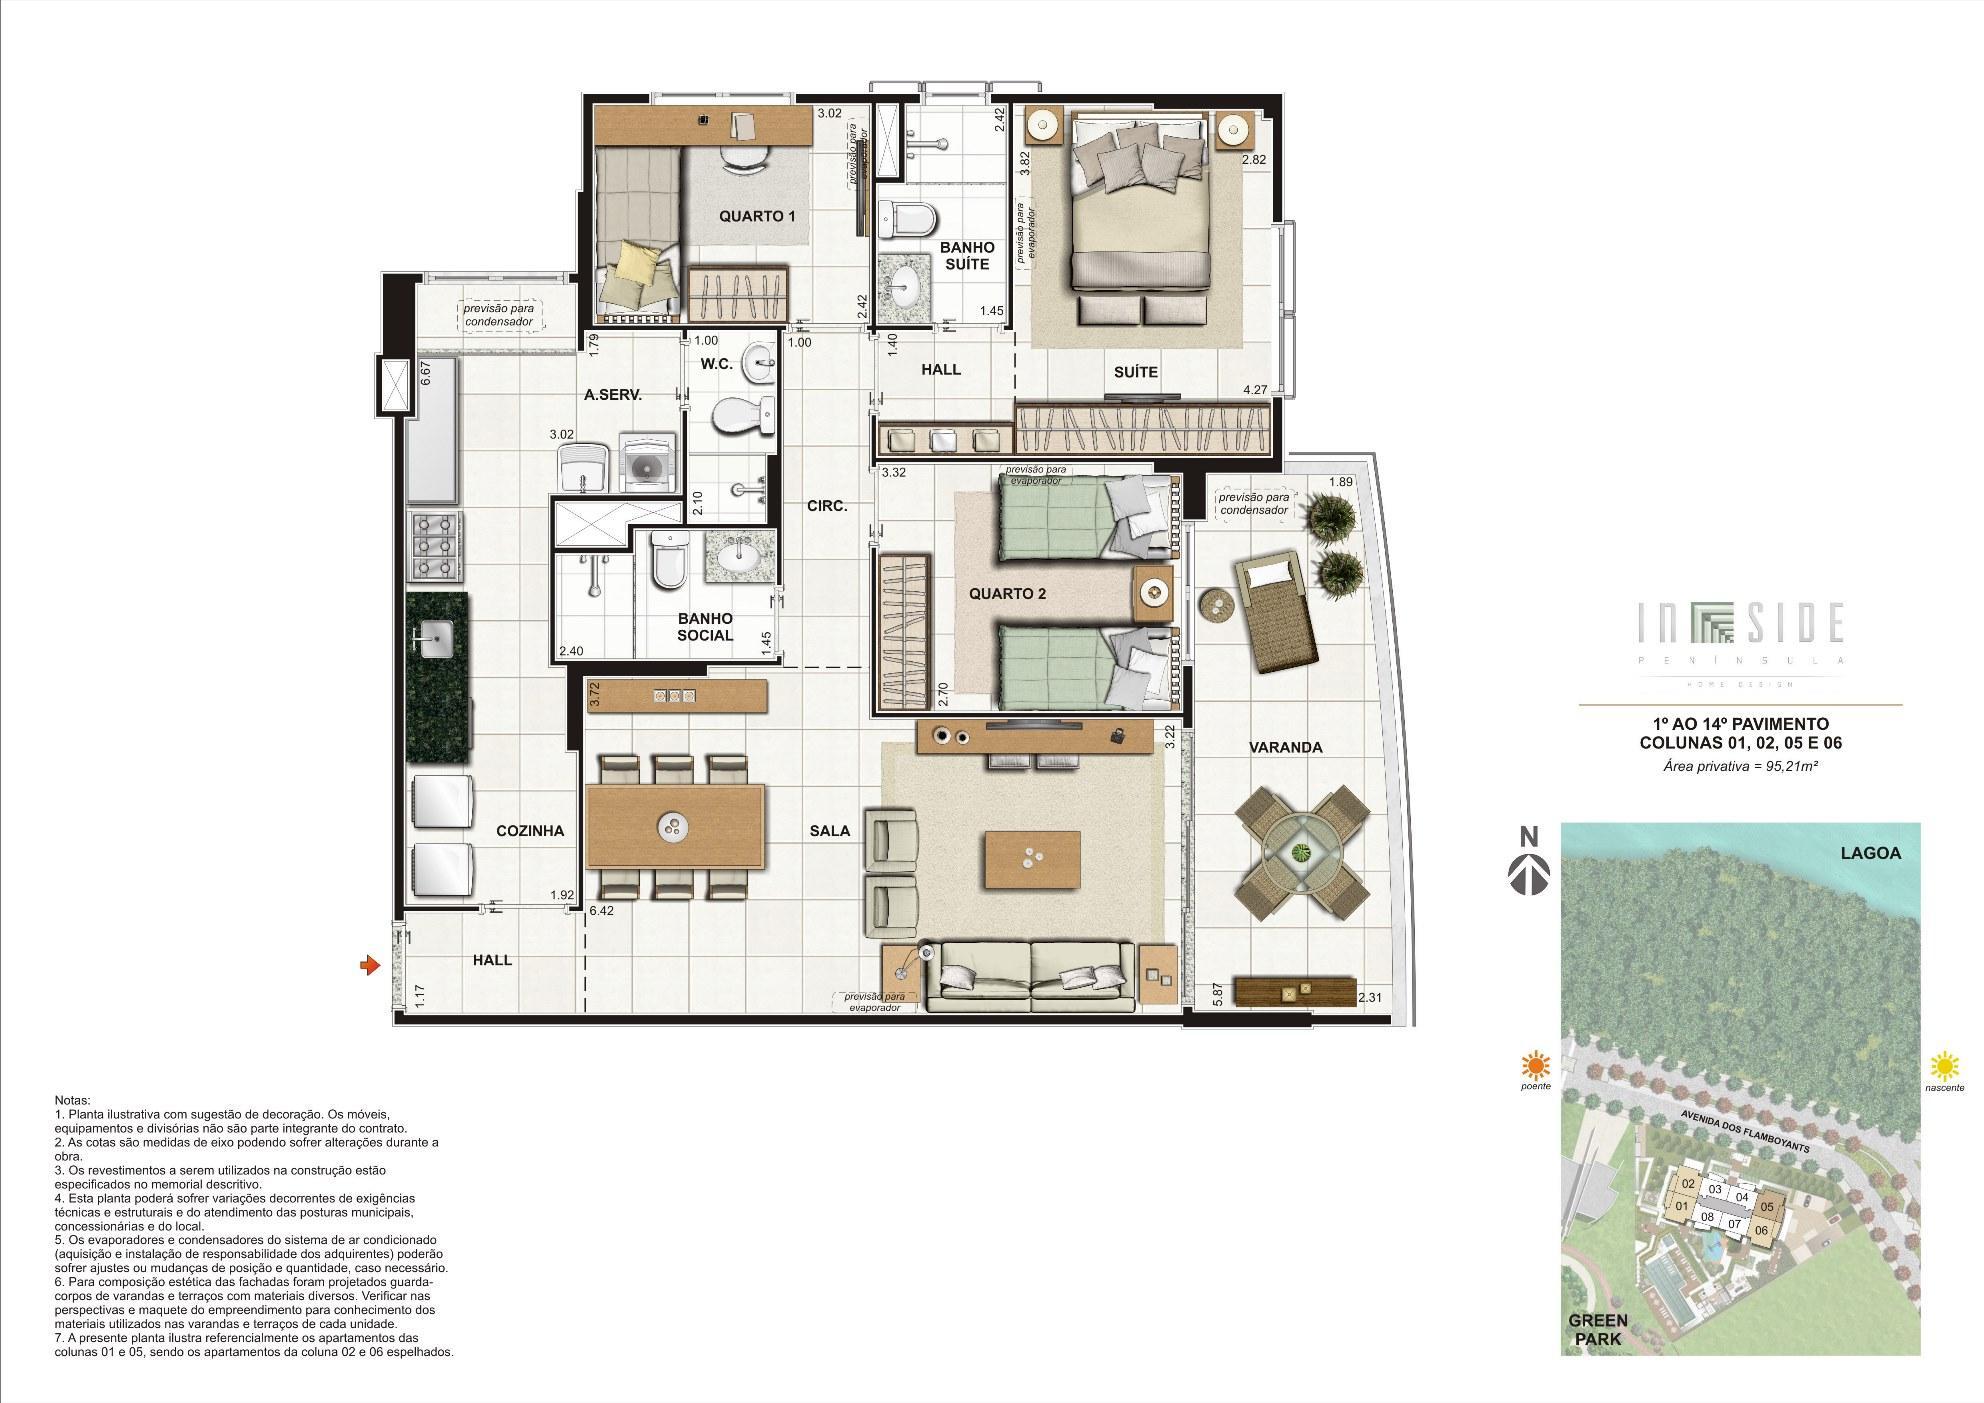 Planta 3 Quartos 1º ao 14º Pavimento Colunas 01, 02, 05 e 06 Área Privativa = 95,21m2 | IN SIDE PENÍNSULA HOME DESIGN – Apartamento na  Barra da Tijuca - Rio de Janeiro - Rio de Janeiro